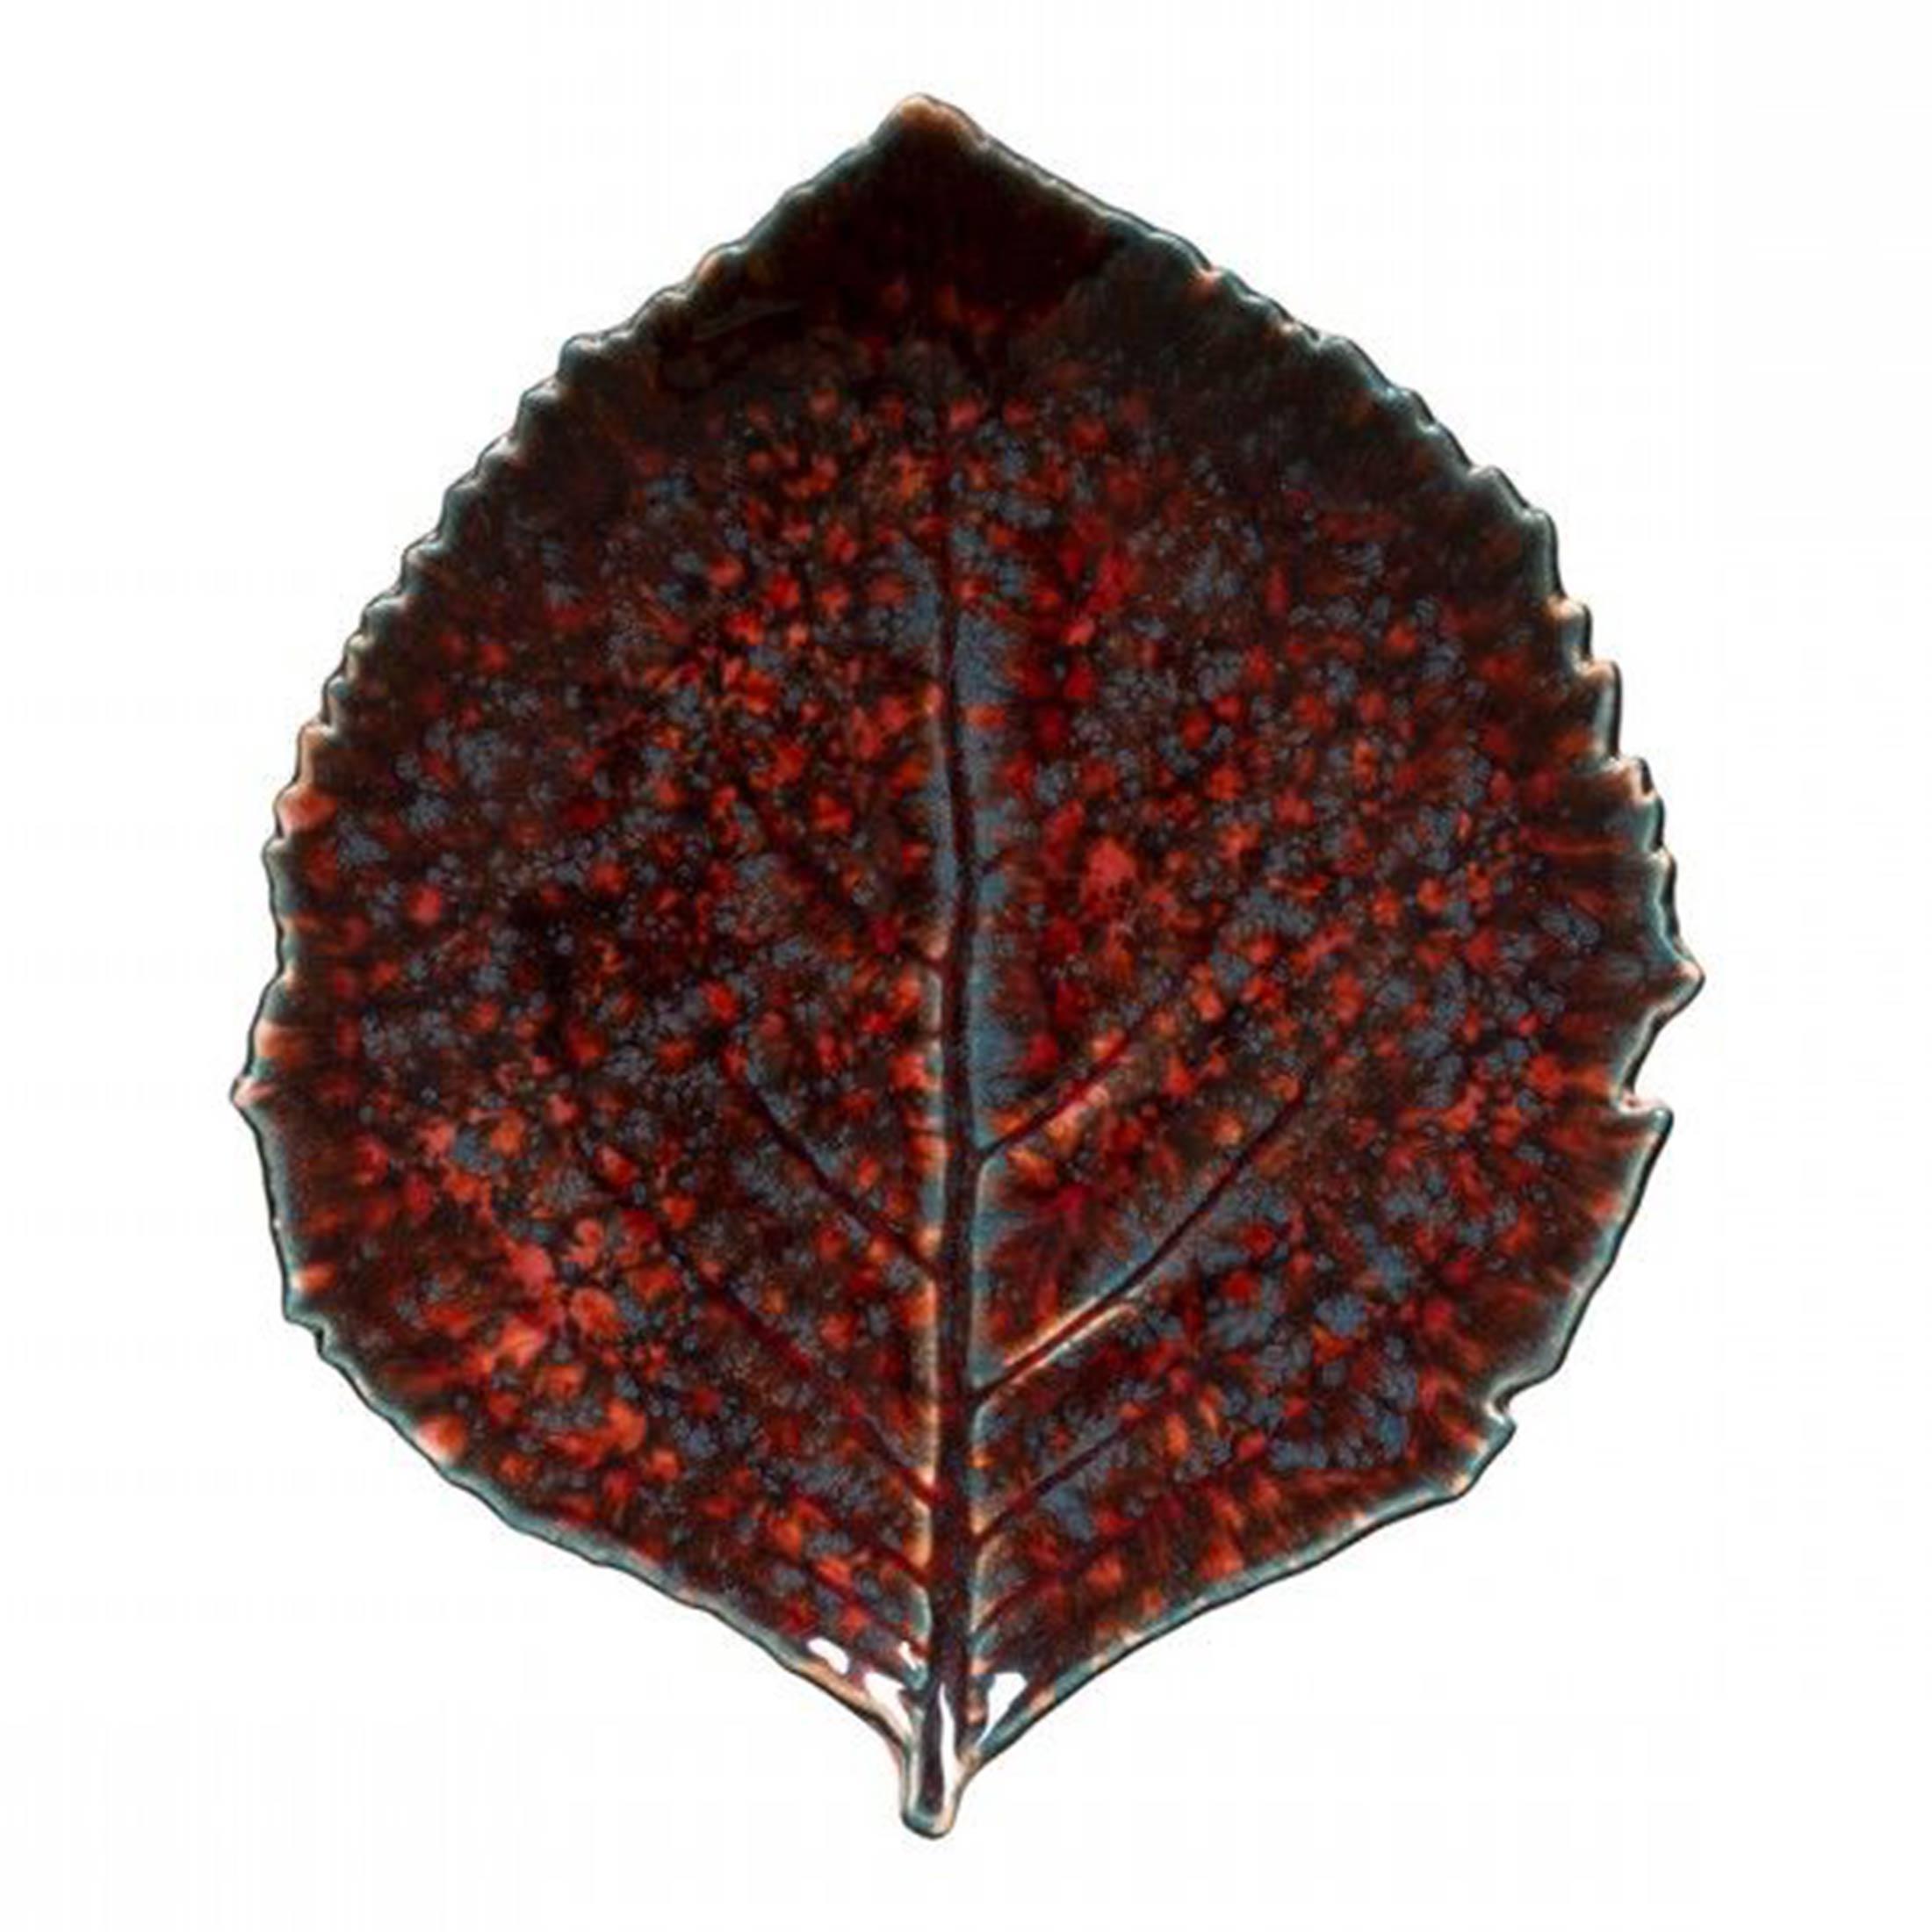 Hortensie Hydrangea Leaf plate by Christian Tortu, Spülmaschine geeignet von der Marke Costa Nova aus Portugal. Geschirr für Weihnachten online kaufen